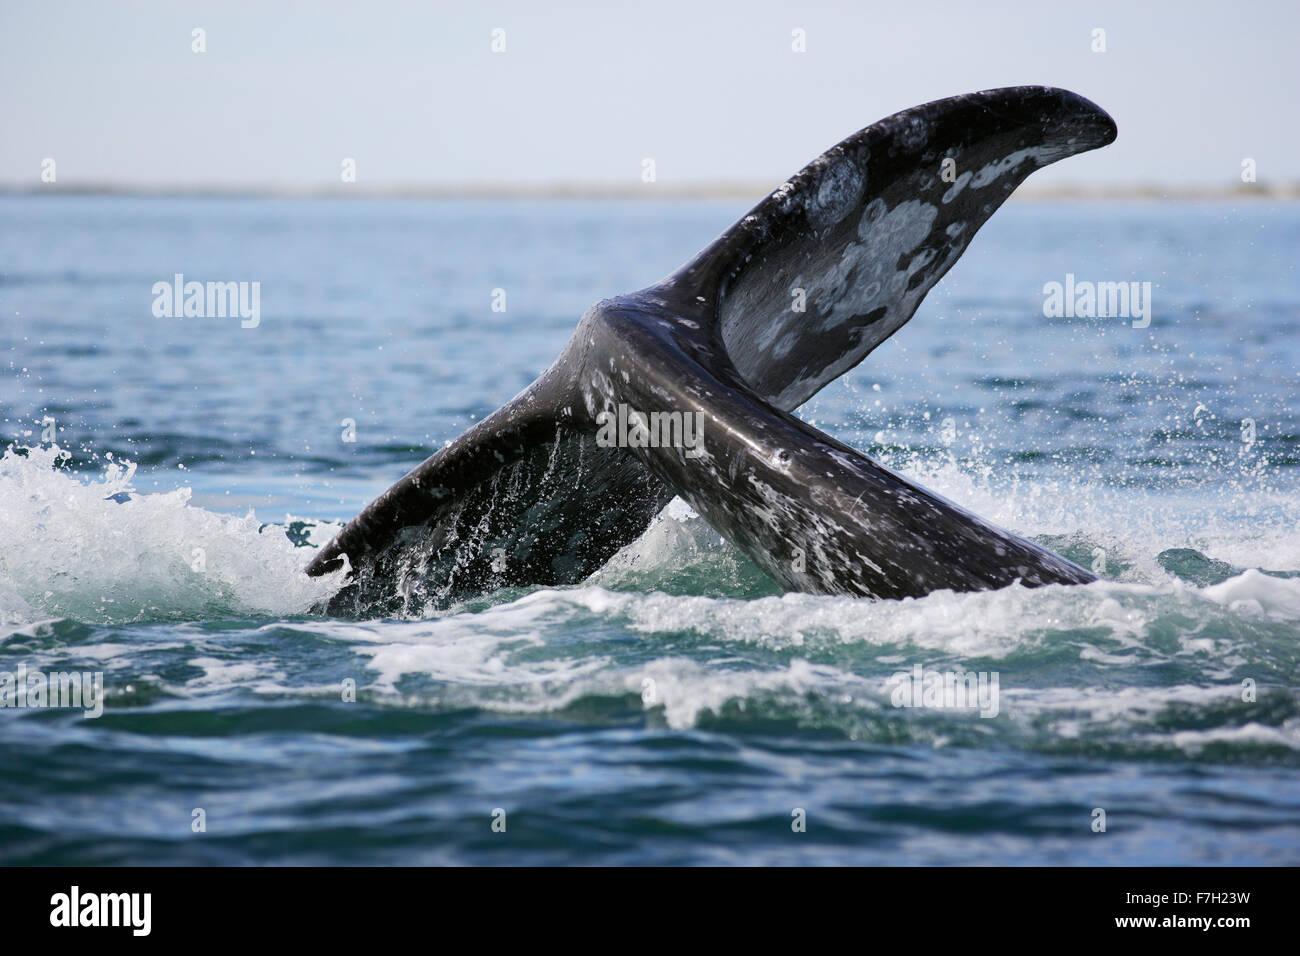 Pr0176-D. La baleine grise (Eschrichtius robustus) lob-tailing. La lagune de San Ignacio, Baja, au Mexique. Photo Copyright © Brandon Cole. Banque D'Images